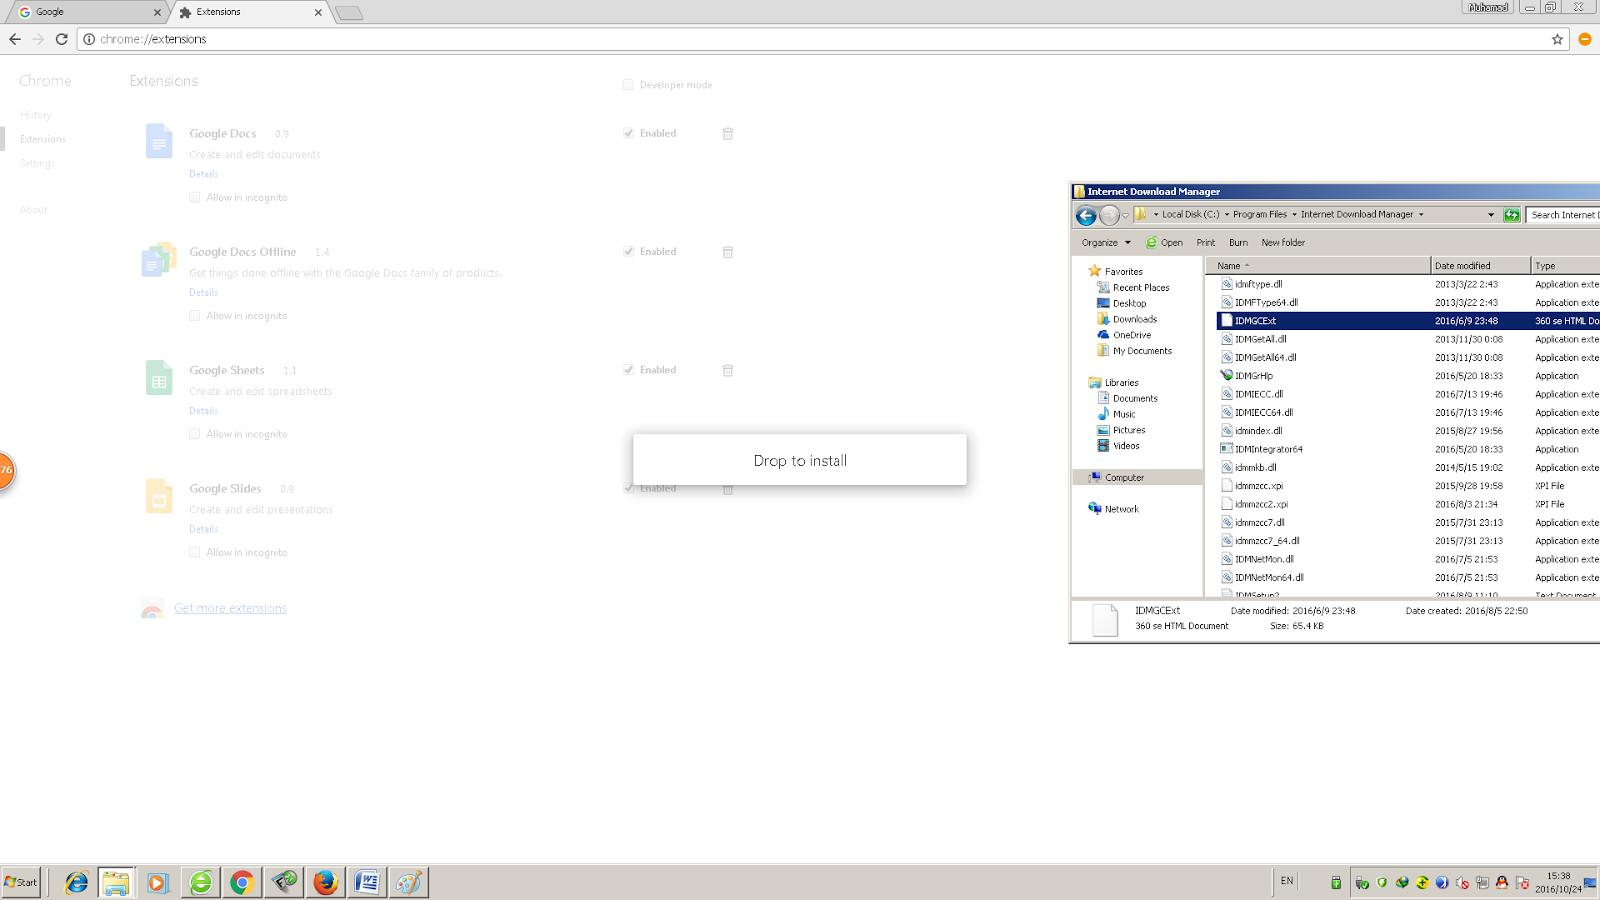 Cara Menambahkan internet download manager pada Extensions